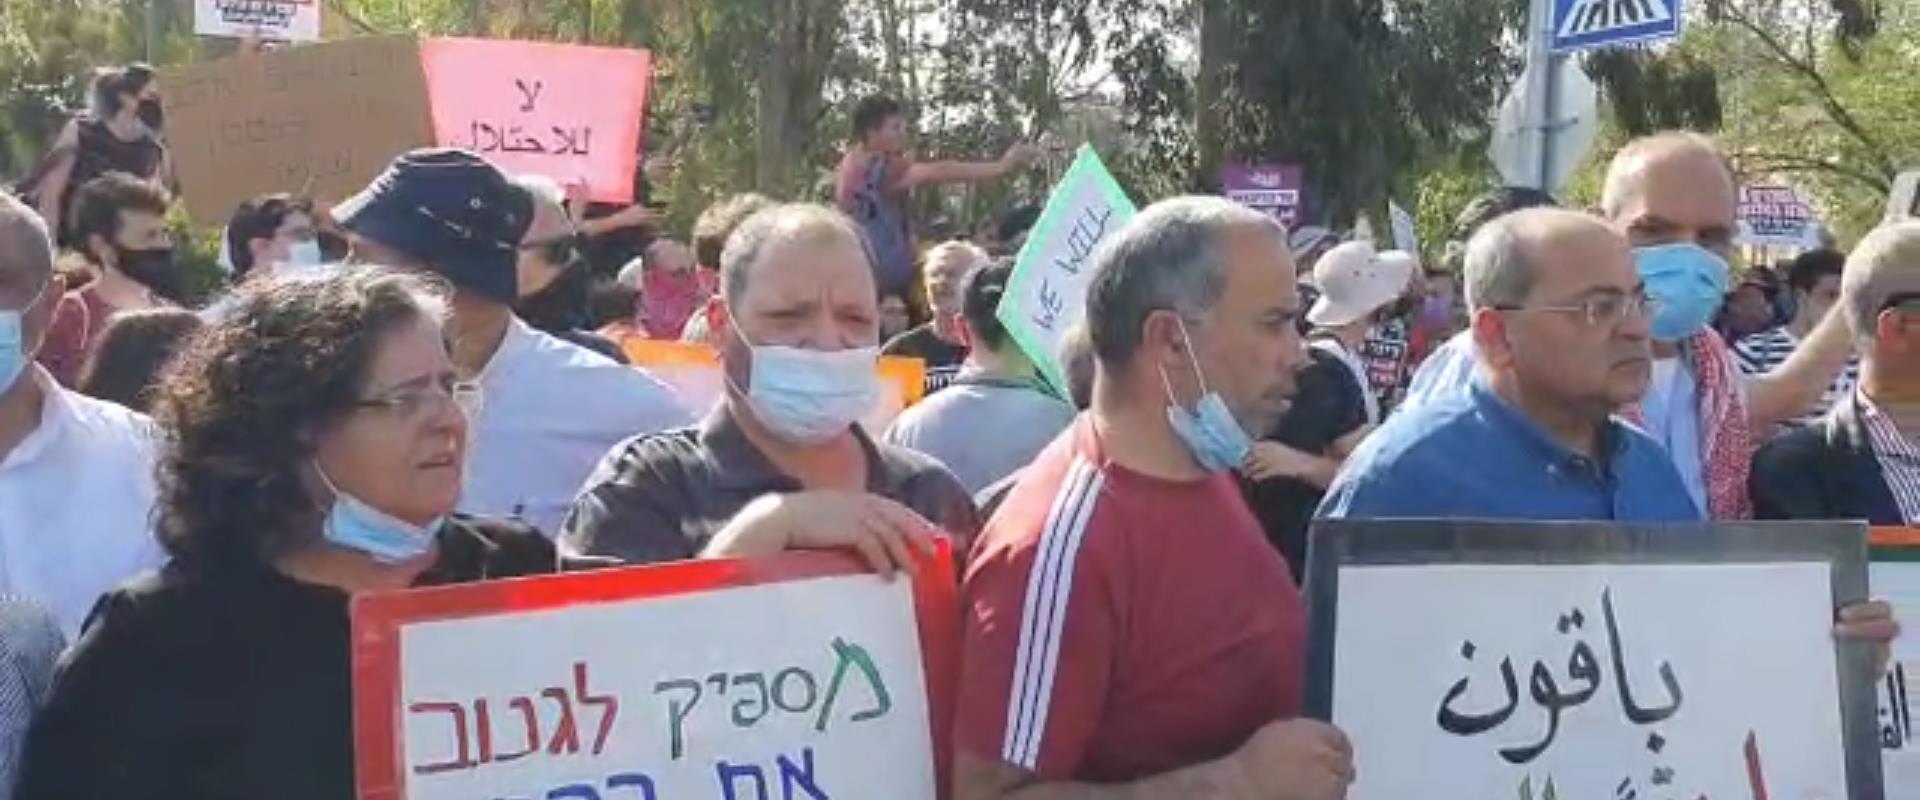 ההפגנה בשייח' ג'ראח, היום